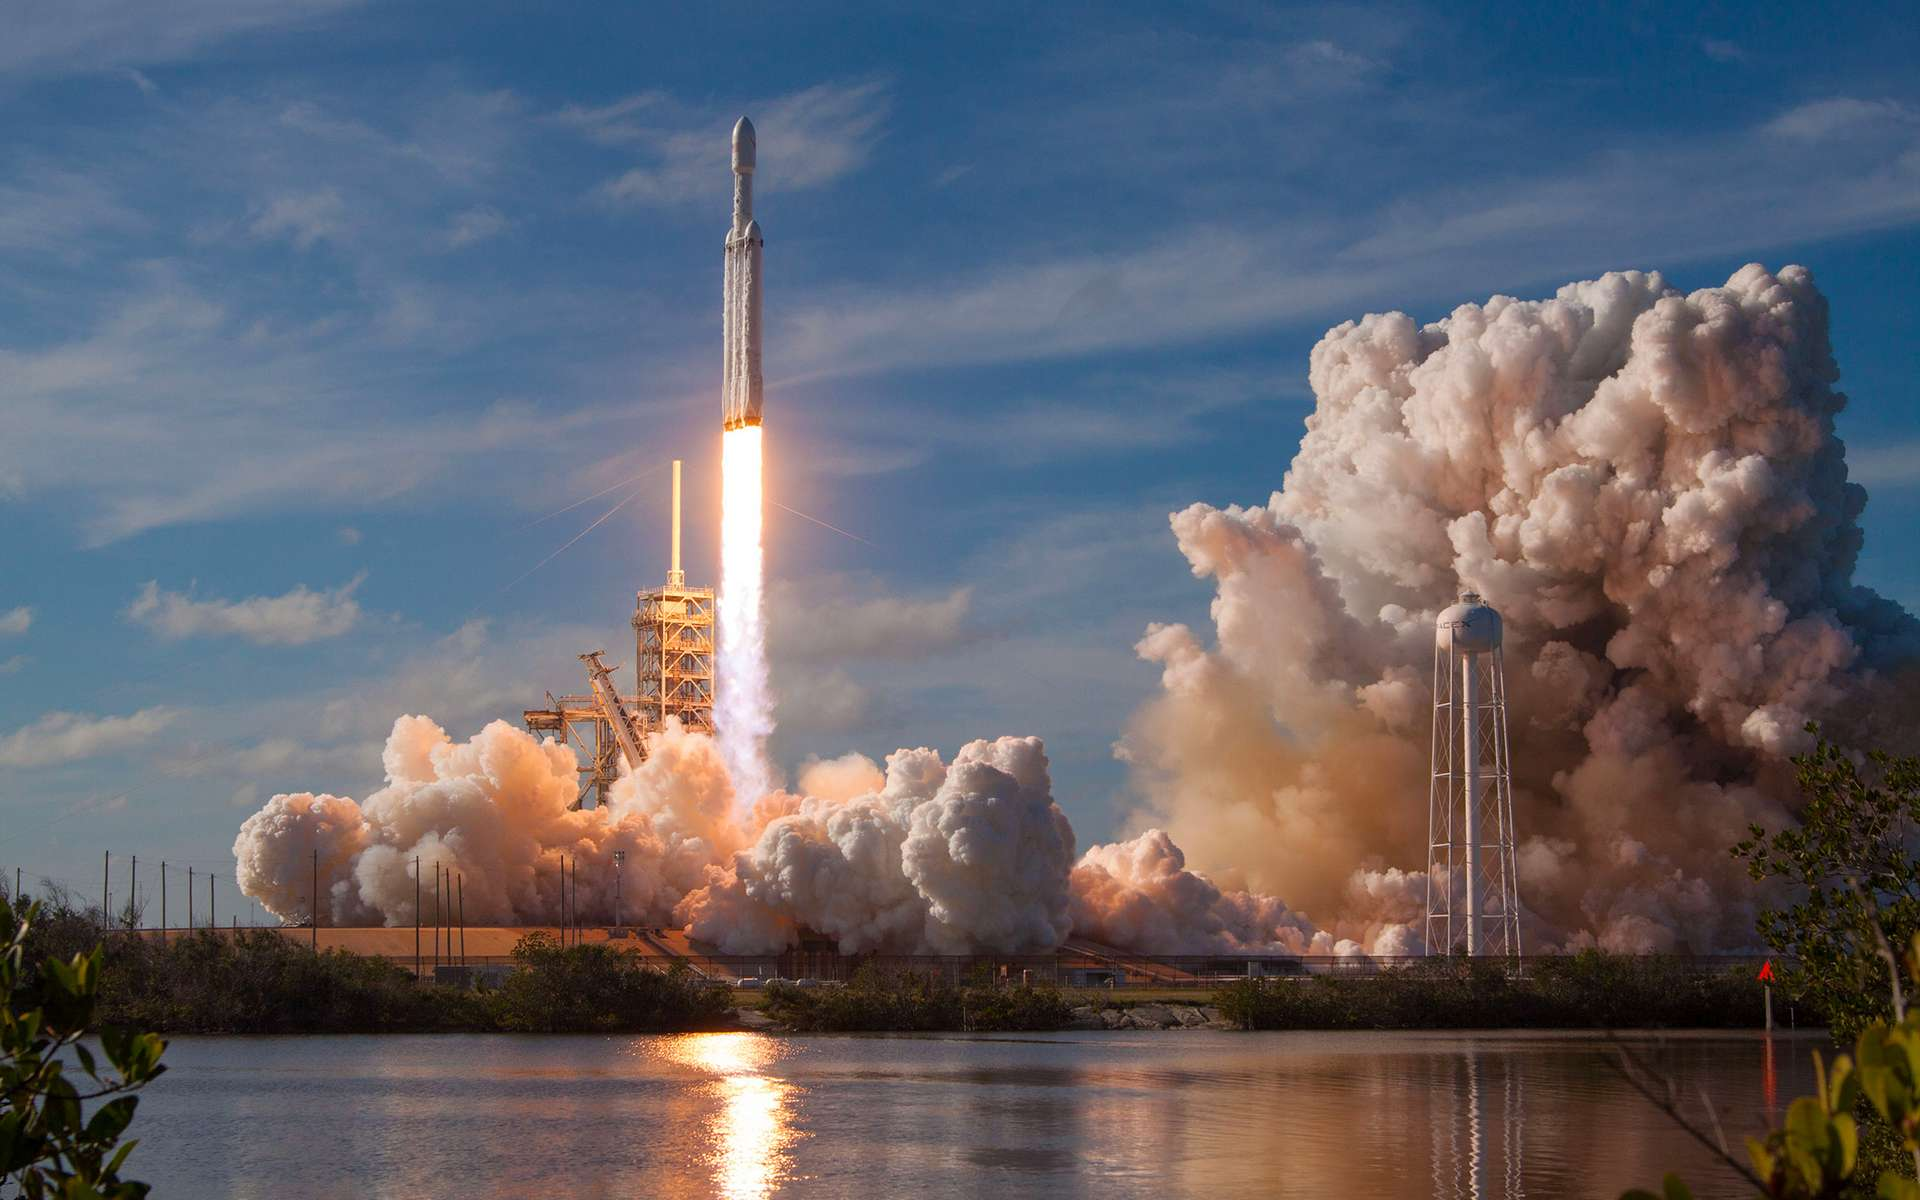 Vol inaugural du Falcon Heavy de SpaceX (février 2018). Le lanceur, le plus puissant au monde en service, a décollé du pas de tir 39A, du complexe de lancement 39 du Centre spatial Kennedy (Floride, États-Unis) réaménagé pour l'accueillir et la version habitée du Falcon 9. © SpaceX